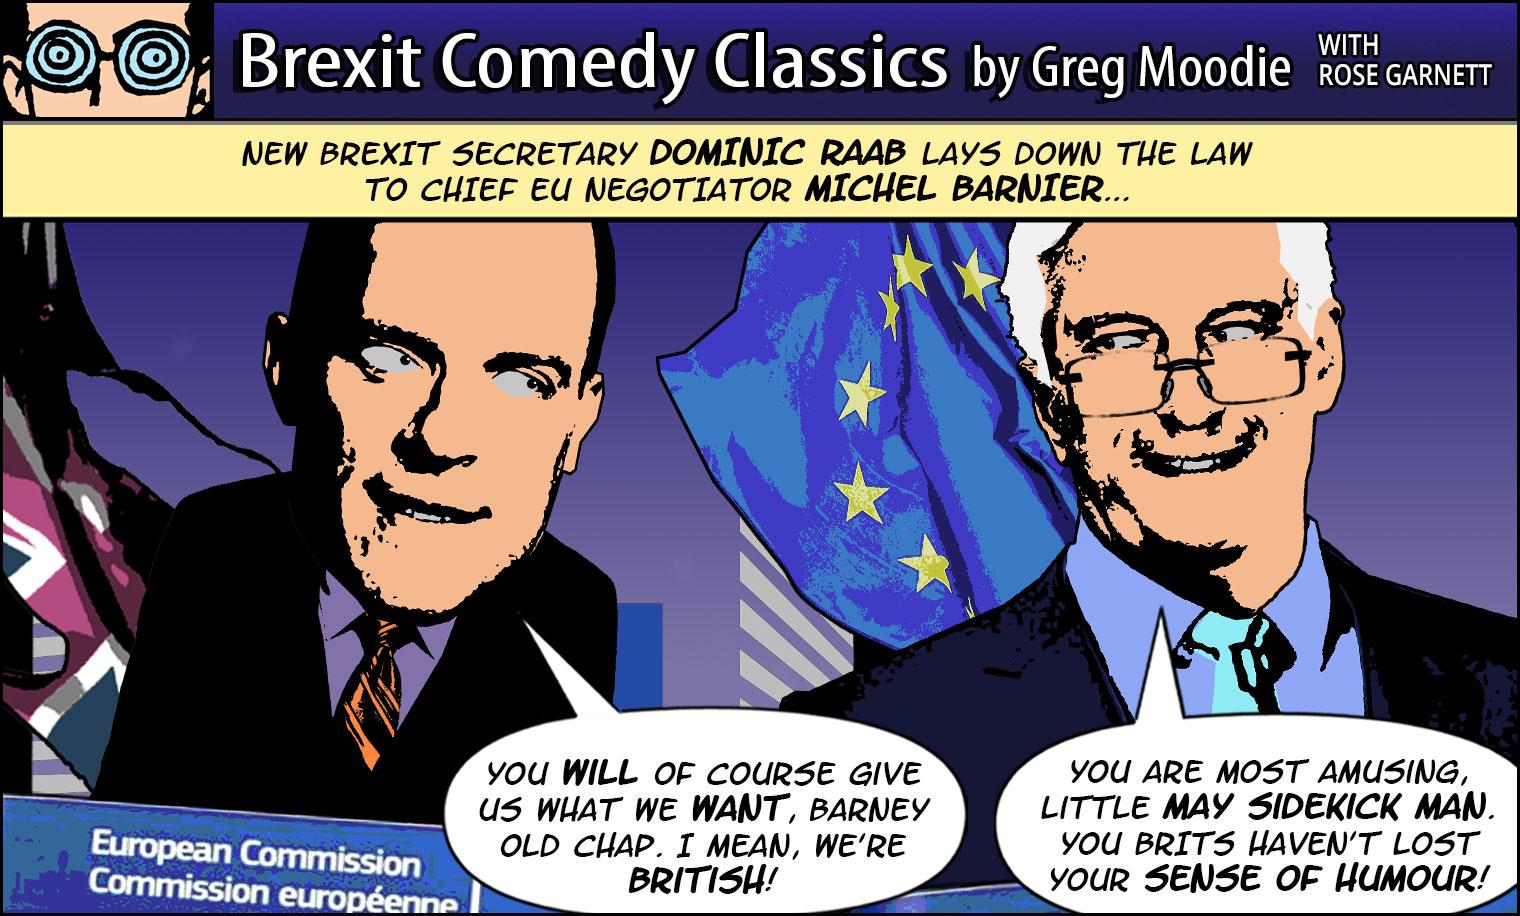 Brexit Comedy Classics